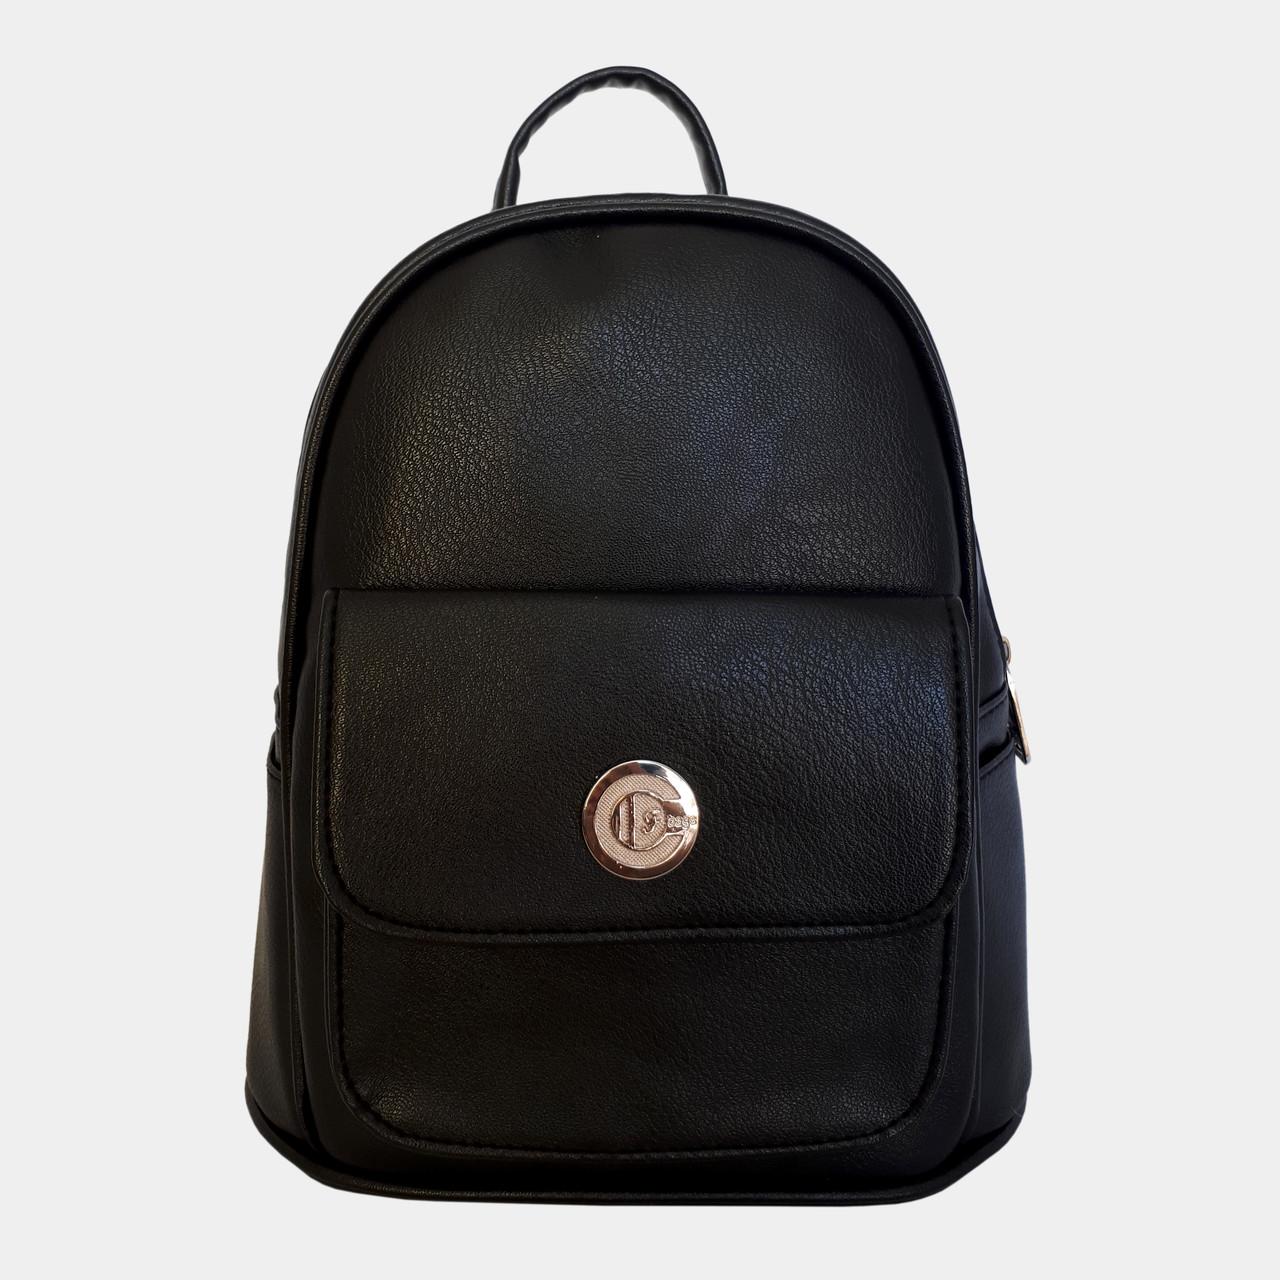 b876783d6c03 Рюкзак жіночий міський чорний / Рюкзак женский городской черный. Немає в  наявності